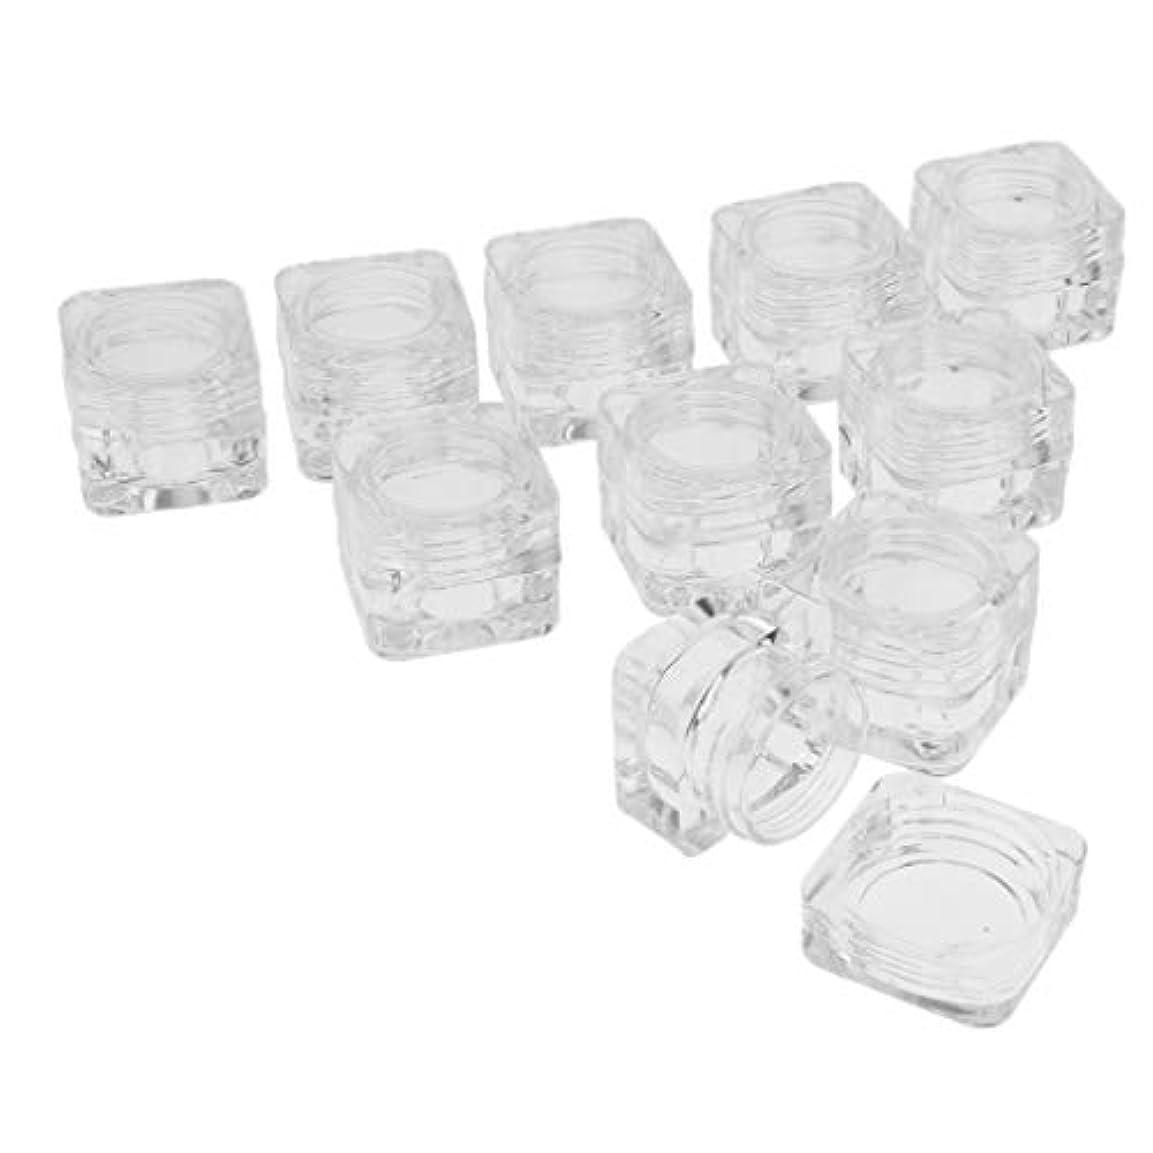 ゴミ箱を空にするテレックス息切れPerfeclan 10個 プラスチックジャー コスメ 収納ケース 透明 クリームジャー リップクリームコンテナ